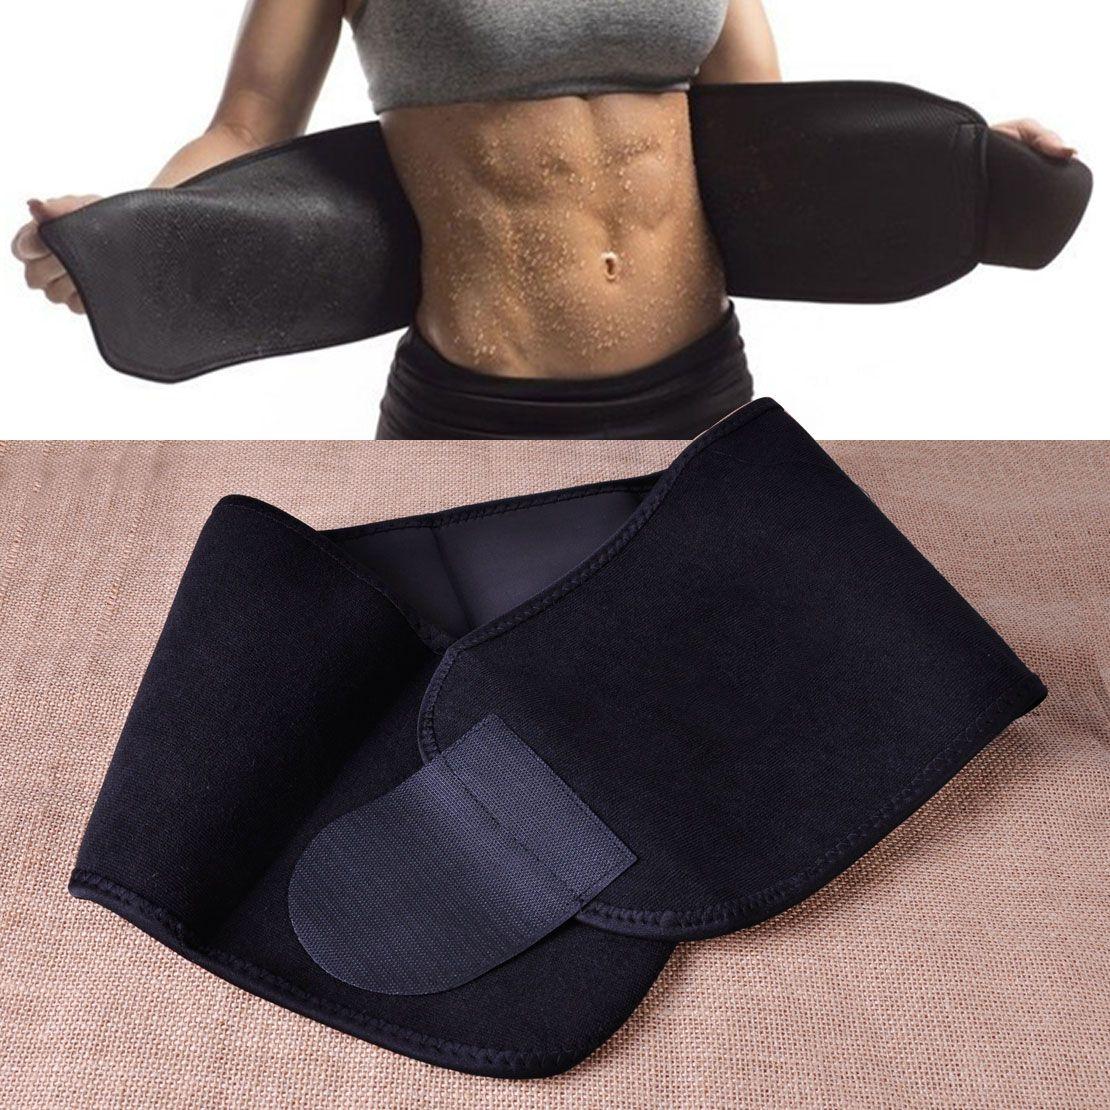 Néoprène Noir Taille Tummy Trimmer Minceur Ceinture Sueur Bande Corps Shaper Wrap Perte de Poids Brûler les Graisses Exercice Pour la réduction de poids